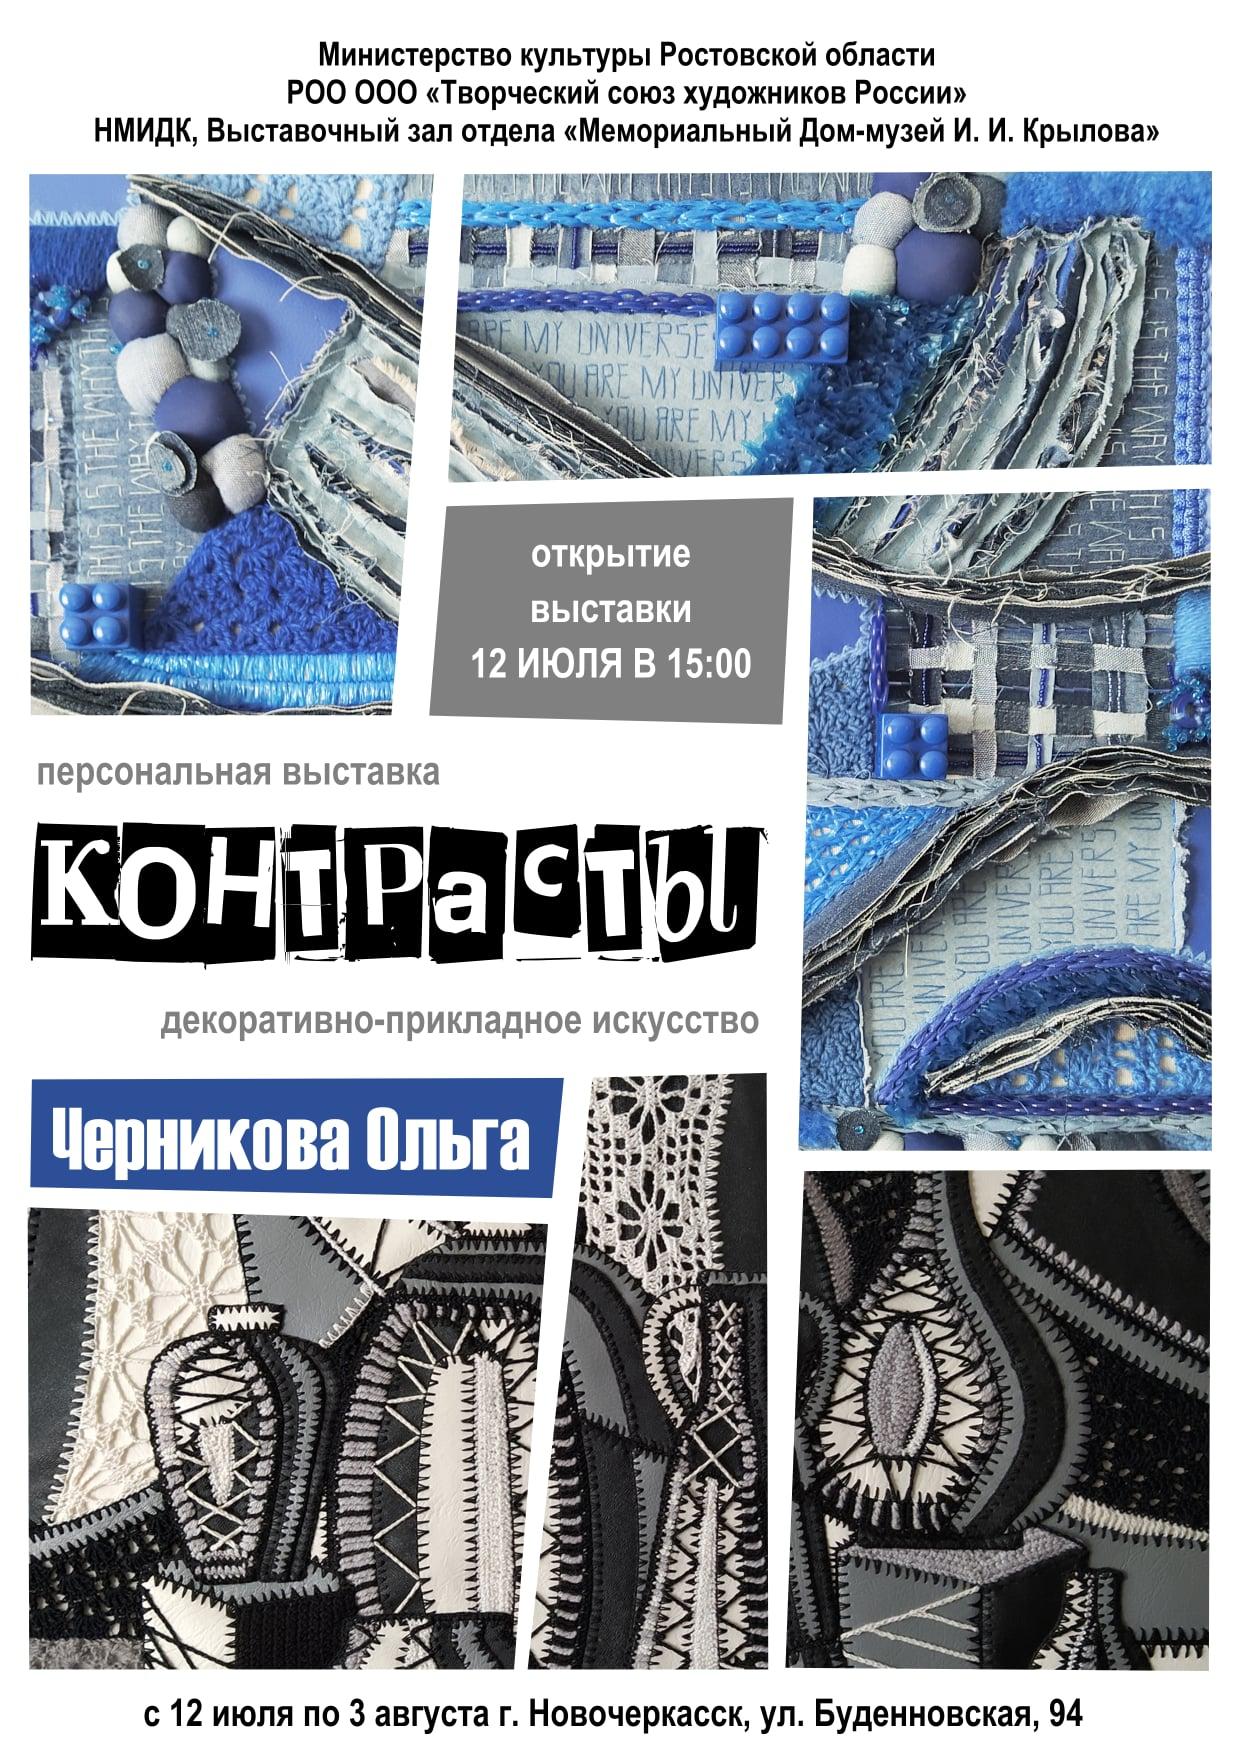 Анонс! 12 июля в 15-00 в Выставочном зале Дома-музея И.И. Крылова впервые открывется персональная выставка декоративно-прикладного искусства Черниковой Ольги.